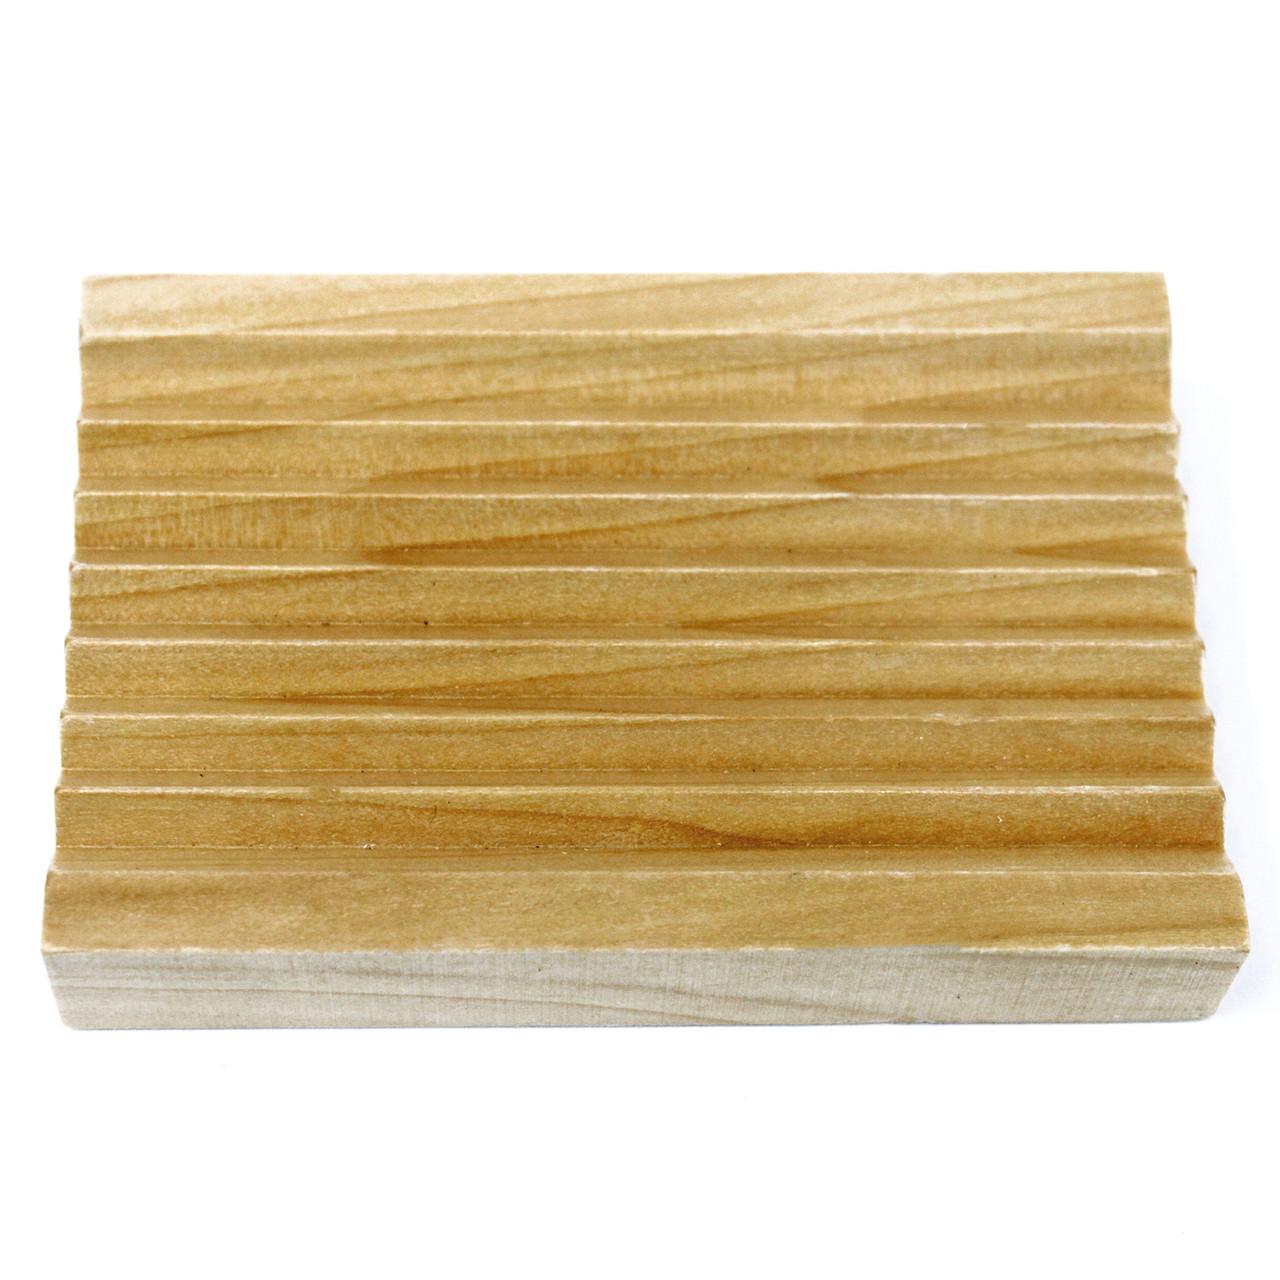 2soap-dish-hemu-wood-corrugated-website-image-3.jpeg